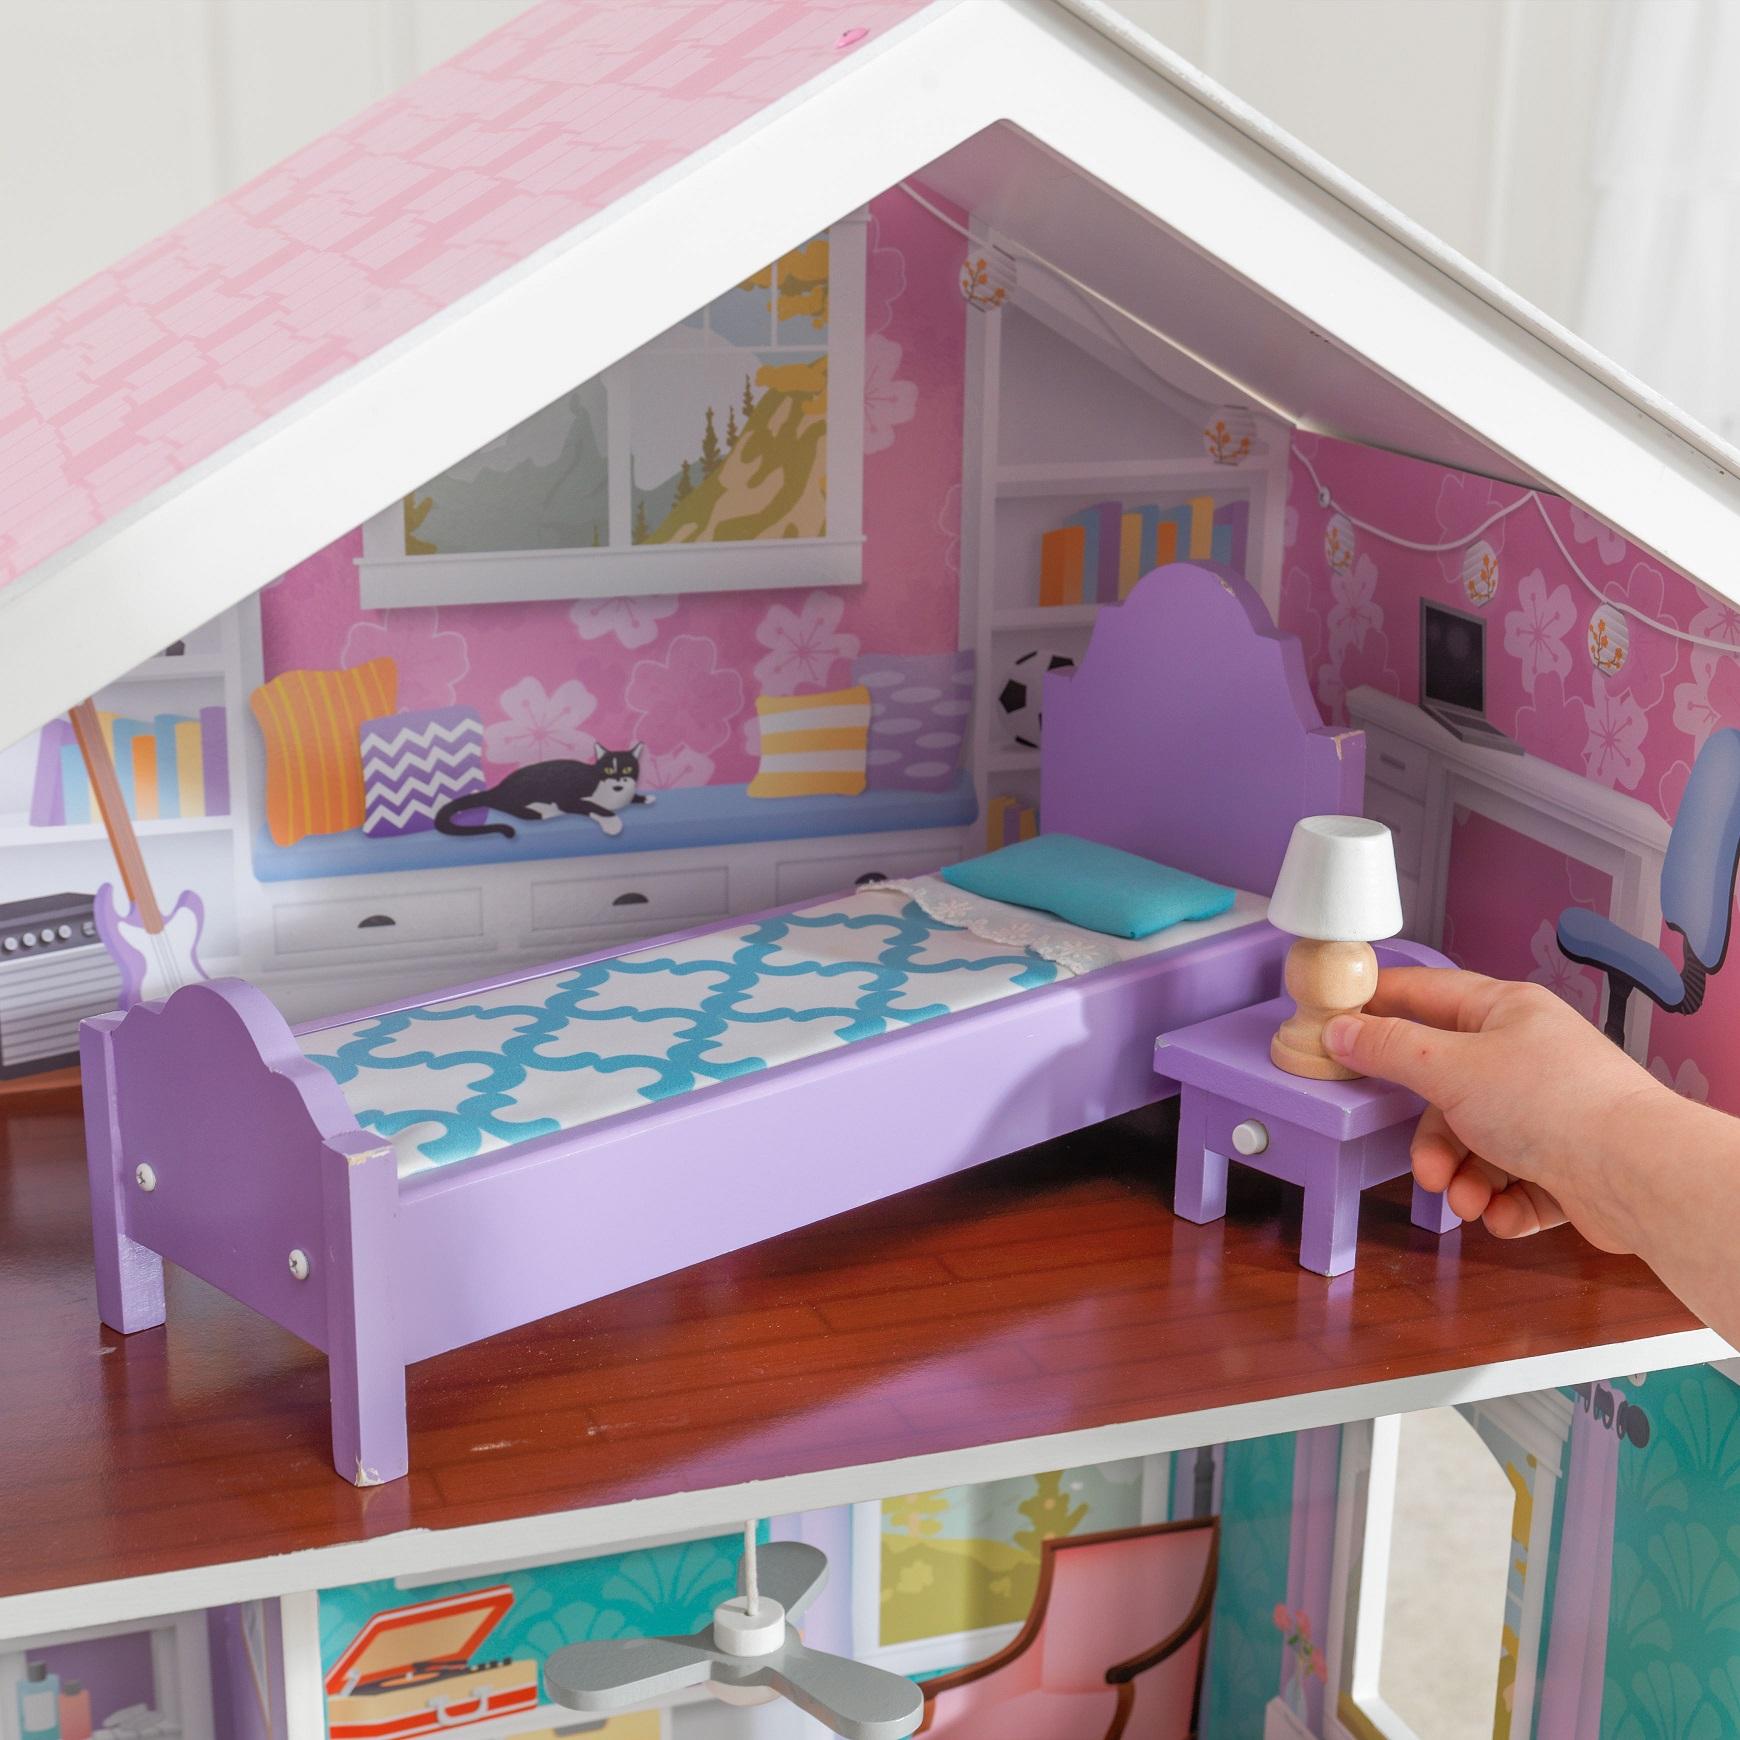 Dormitorio superior de la kidkraft casa de muñecas glendale manor 65940 width=